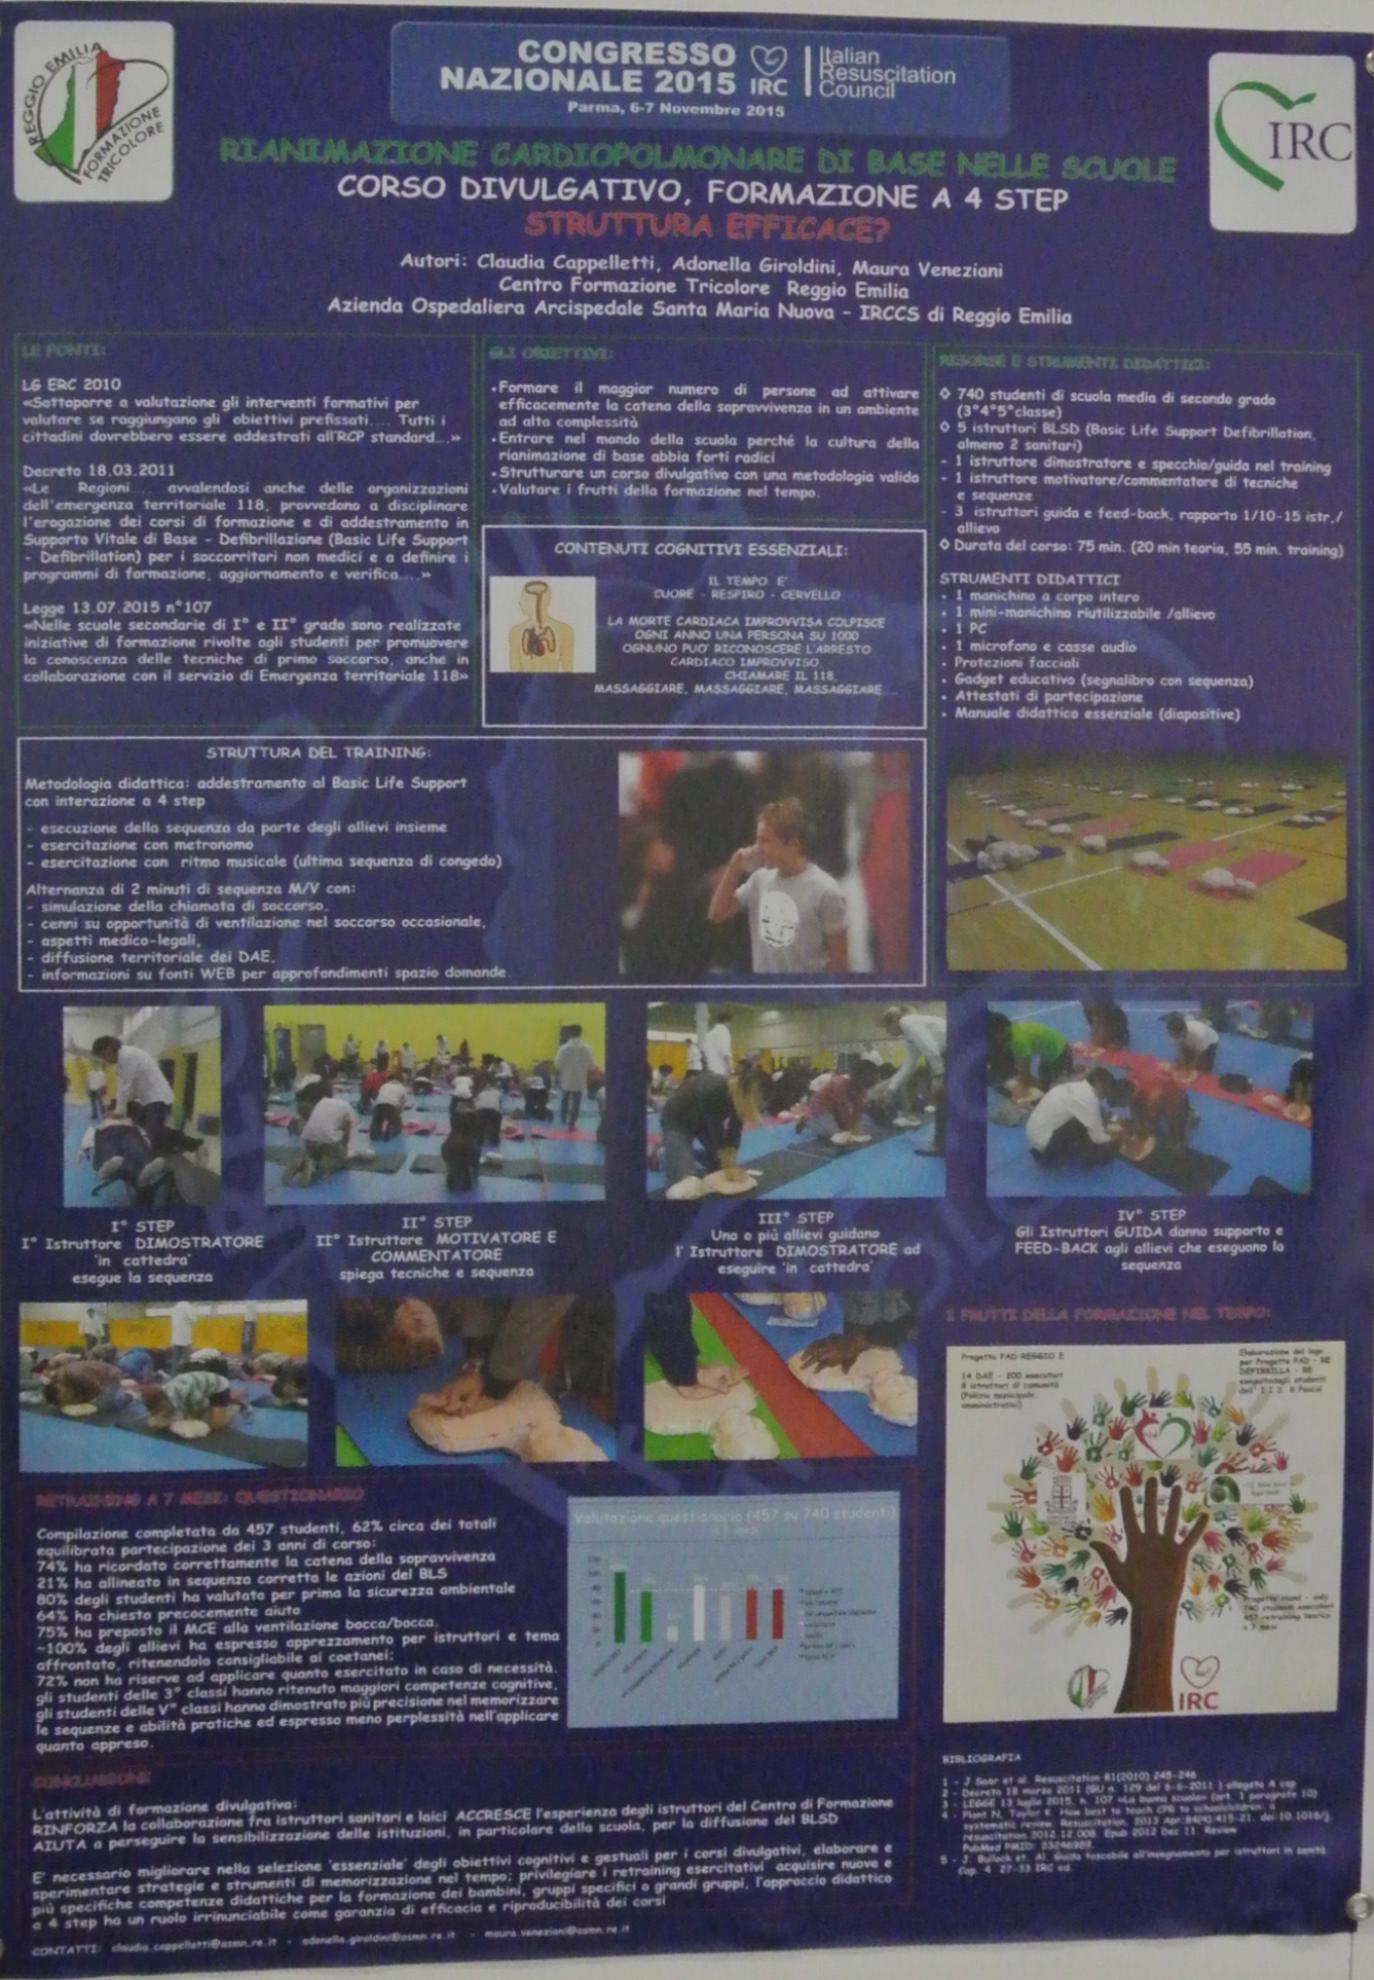 04-rianimazione-rcp-base-struttura-efficace-cappelletti-giroldini-veneziani